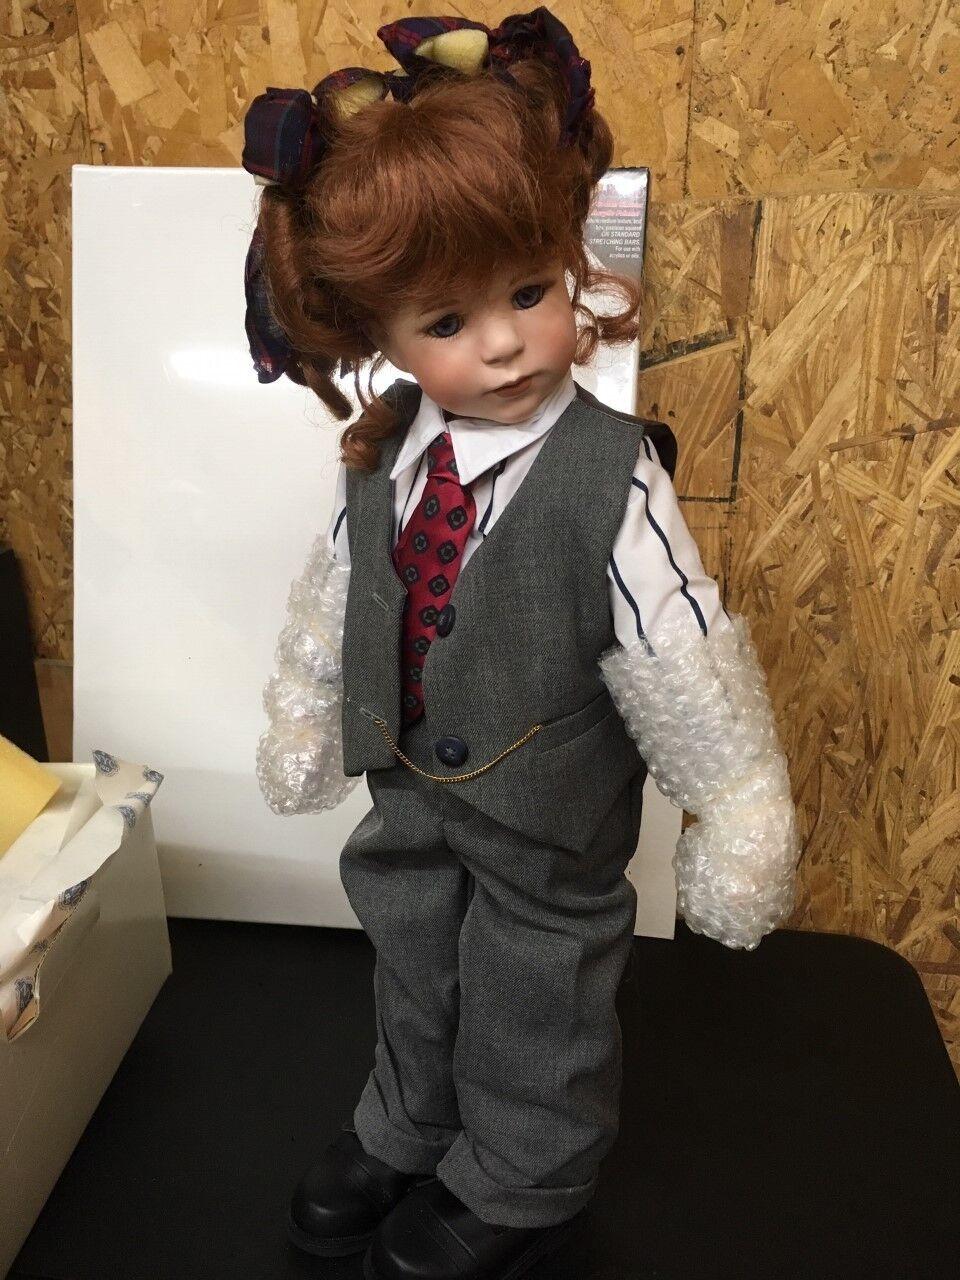 NYC  Brooke  Limited edizione Porcelain bambola by Jeanne  Singer  miglior prezzo migliore